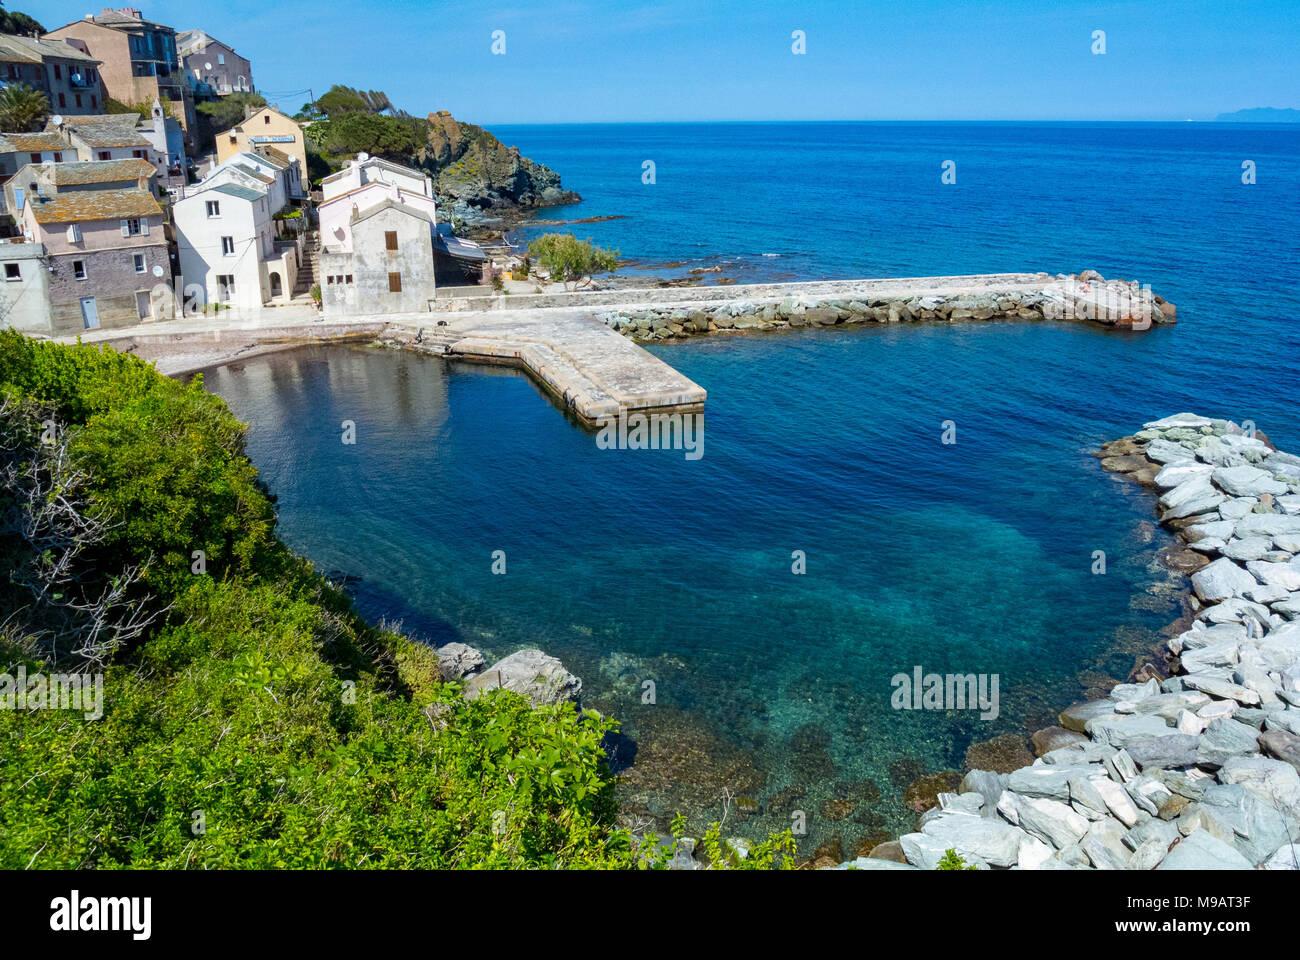 Luftaufnahme des Dorfes auf einem Port, Korsika, Frankreich Stockbild